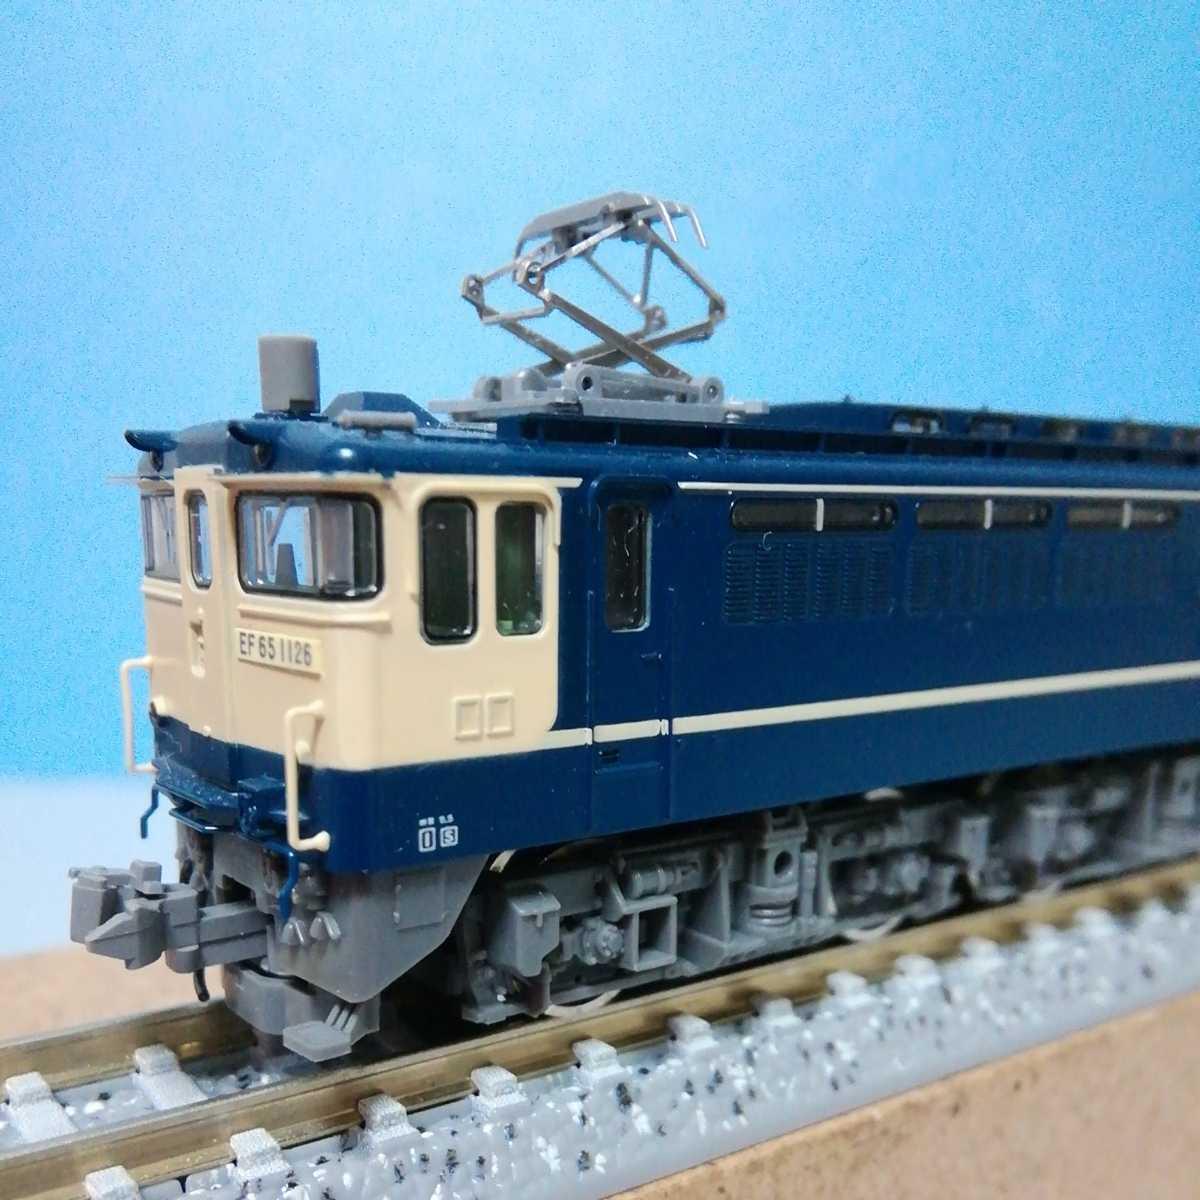 【送料無料】TOMIX 電気機関車 EF65 1000番台(1126号機) コレクター収集美品 動力良好 ライト点灯確認済み TNカプラー装着